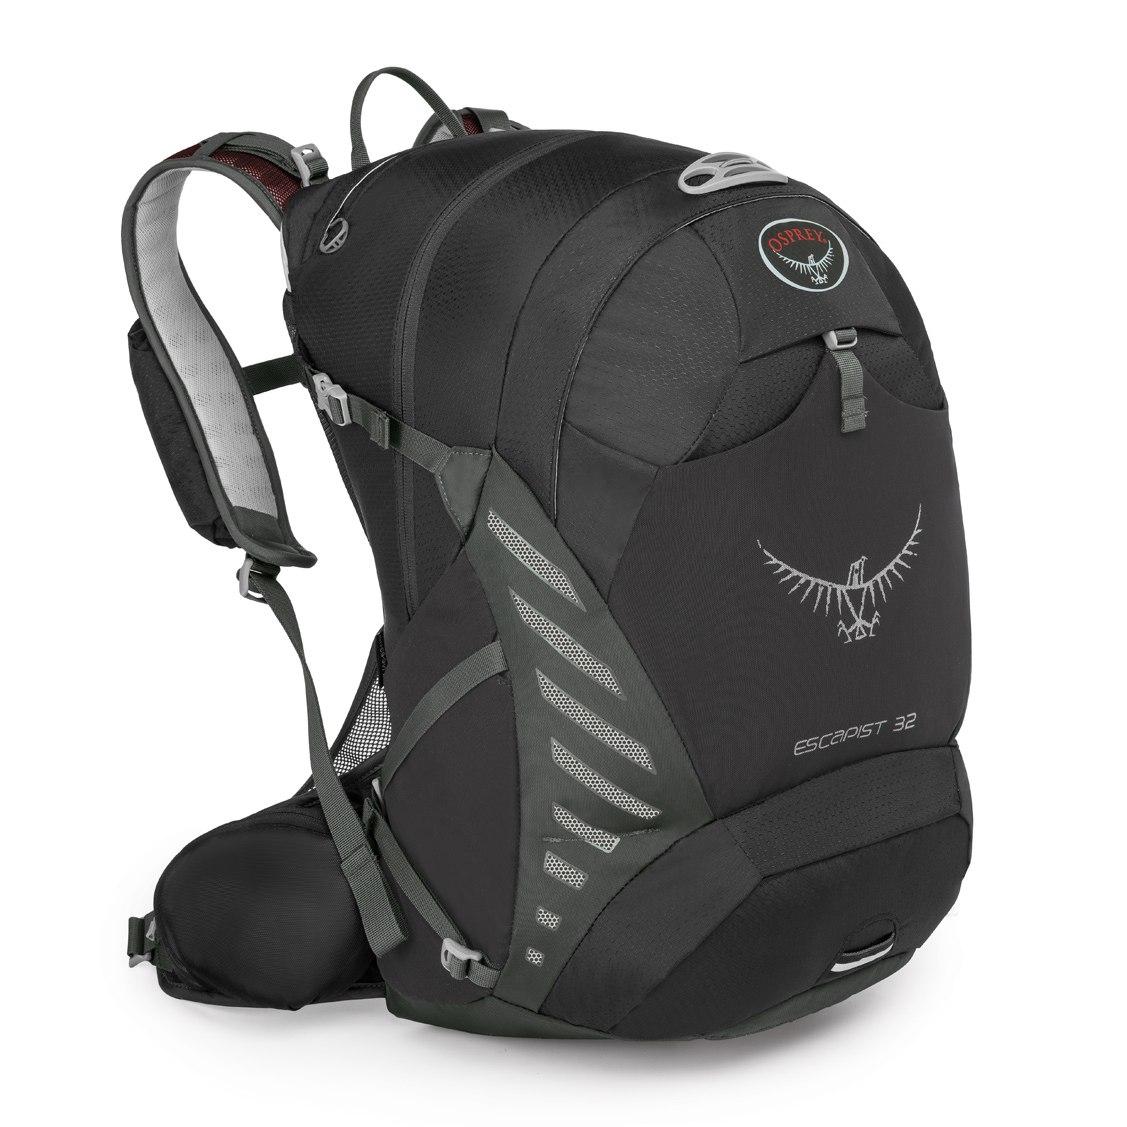 Osprey Escapist 32 - Backpack - Black